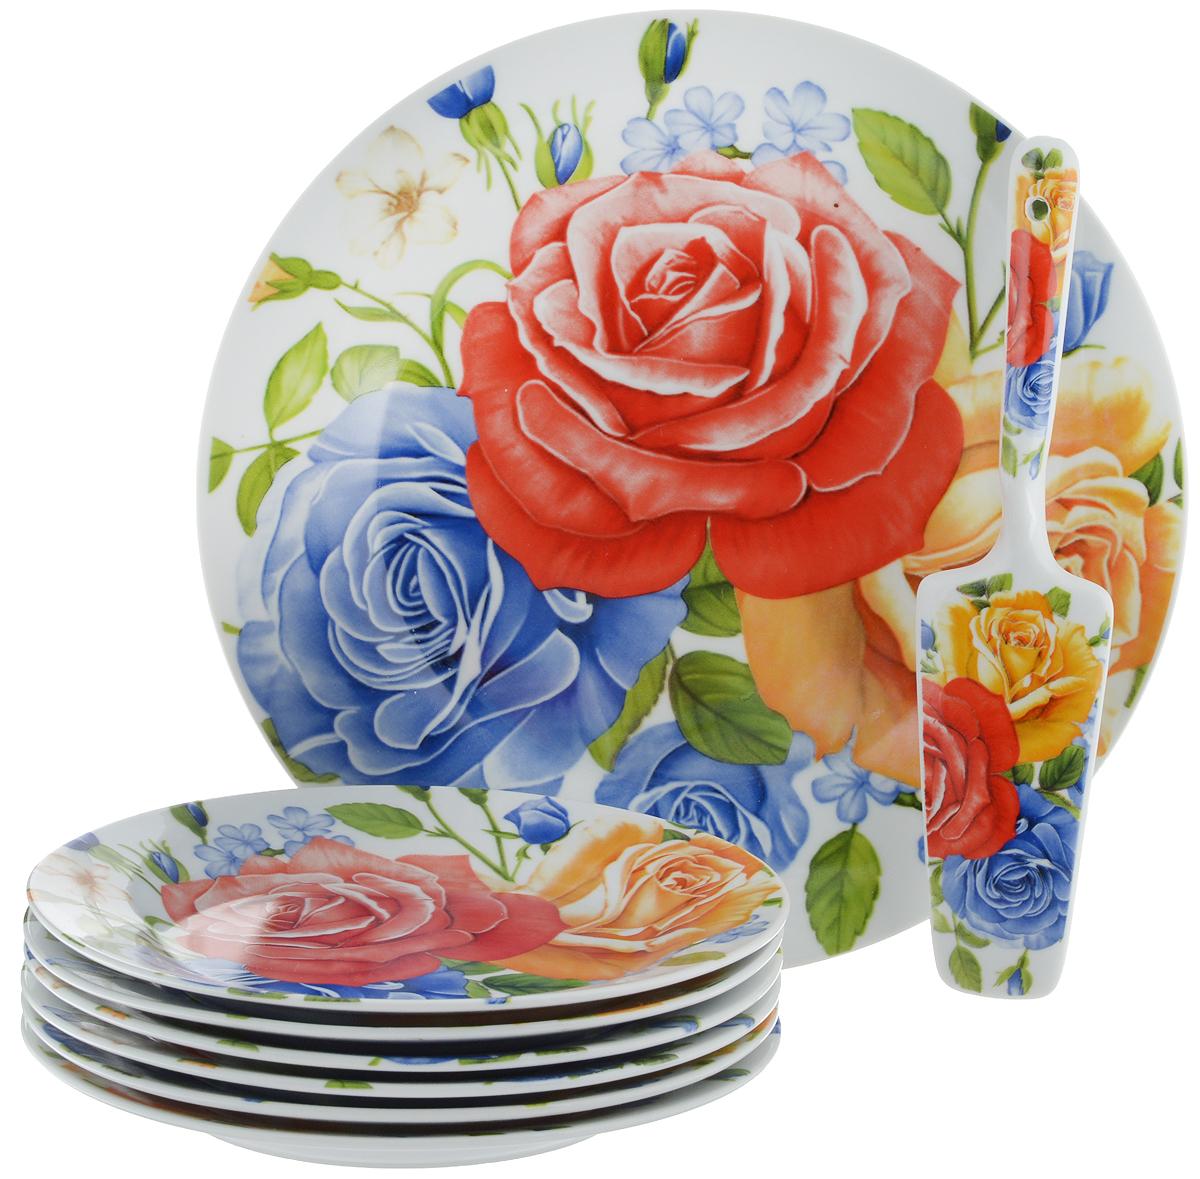 Набор для торта Bella, 8 предметов. DL-S8CB-175DL-S8CB-175Набор для торта Bella состоит из 7 тарелок и лопатки. Изделия выполнены из высококачественного фарфора и оформлены ярким рисунком. Набор идеален для подачи тортов, пирогов и другой выпечки.Яркий дизайн сделает набор изысканным украшением праздничного стола.Диаметр меленьких тарелок: 19,3 см.Диаметр большой тарелки: 26,5 см.Размеры лопатки: 23 х 5,3 х 2 см.